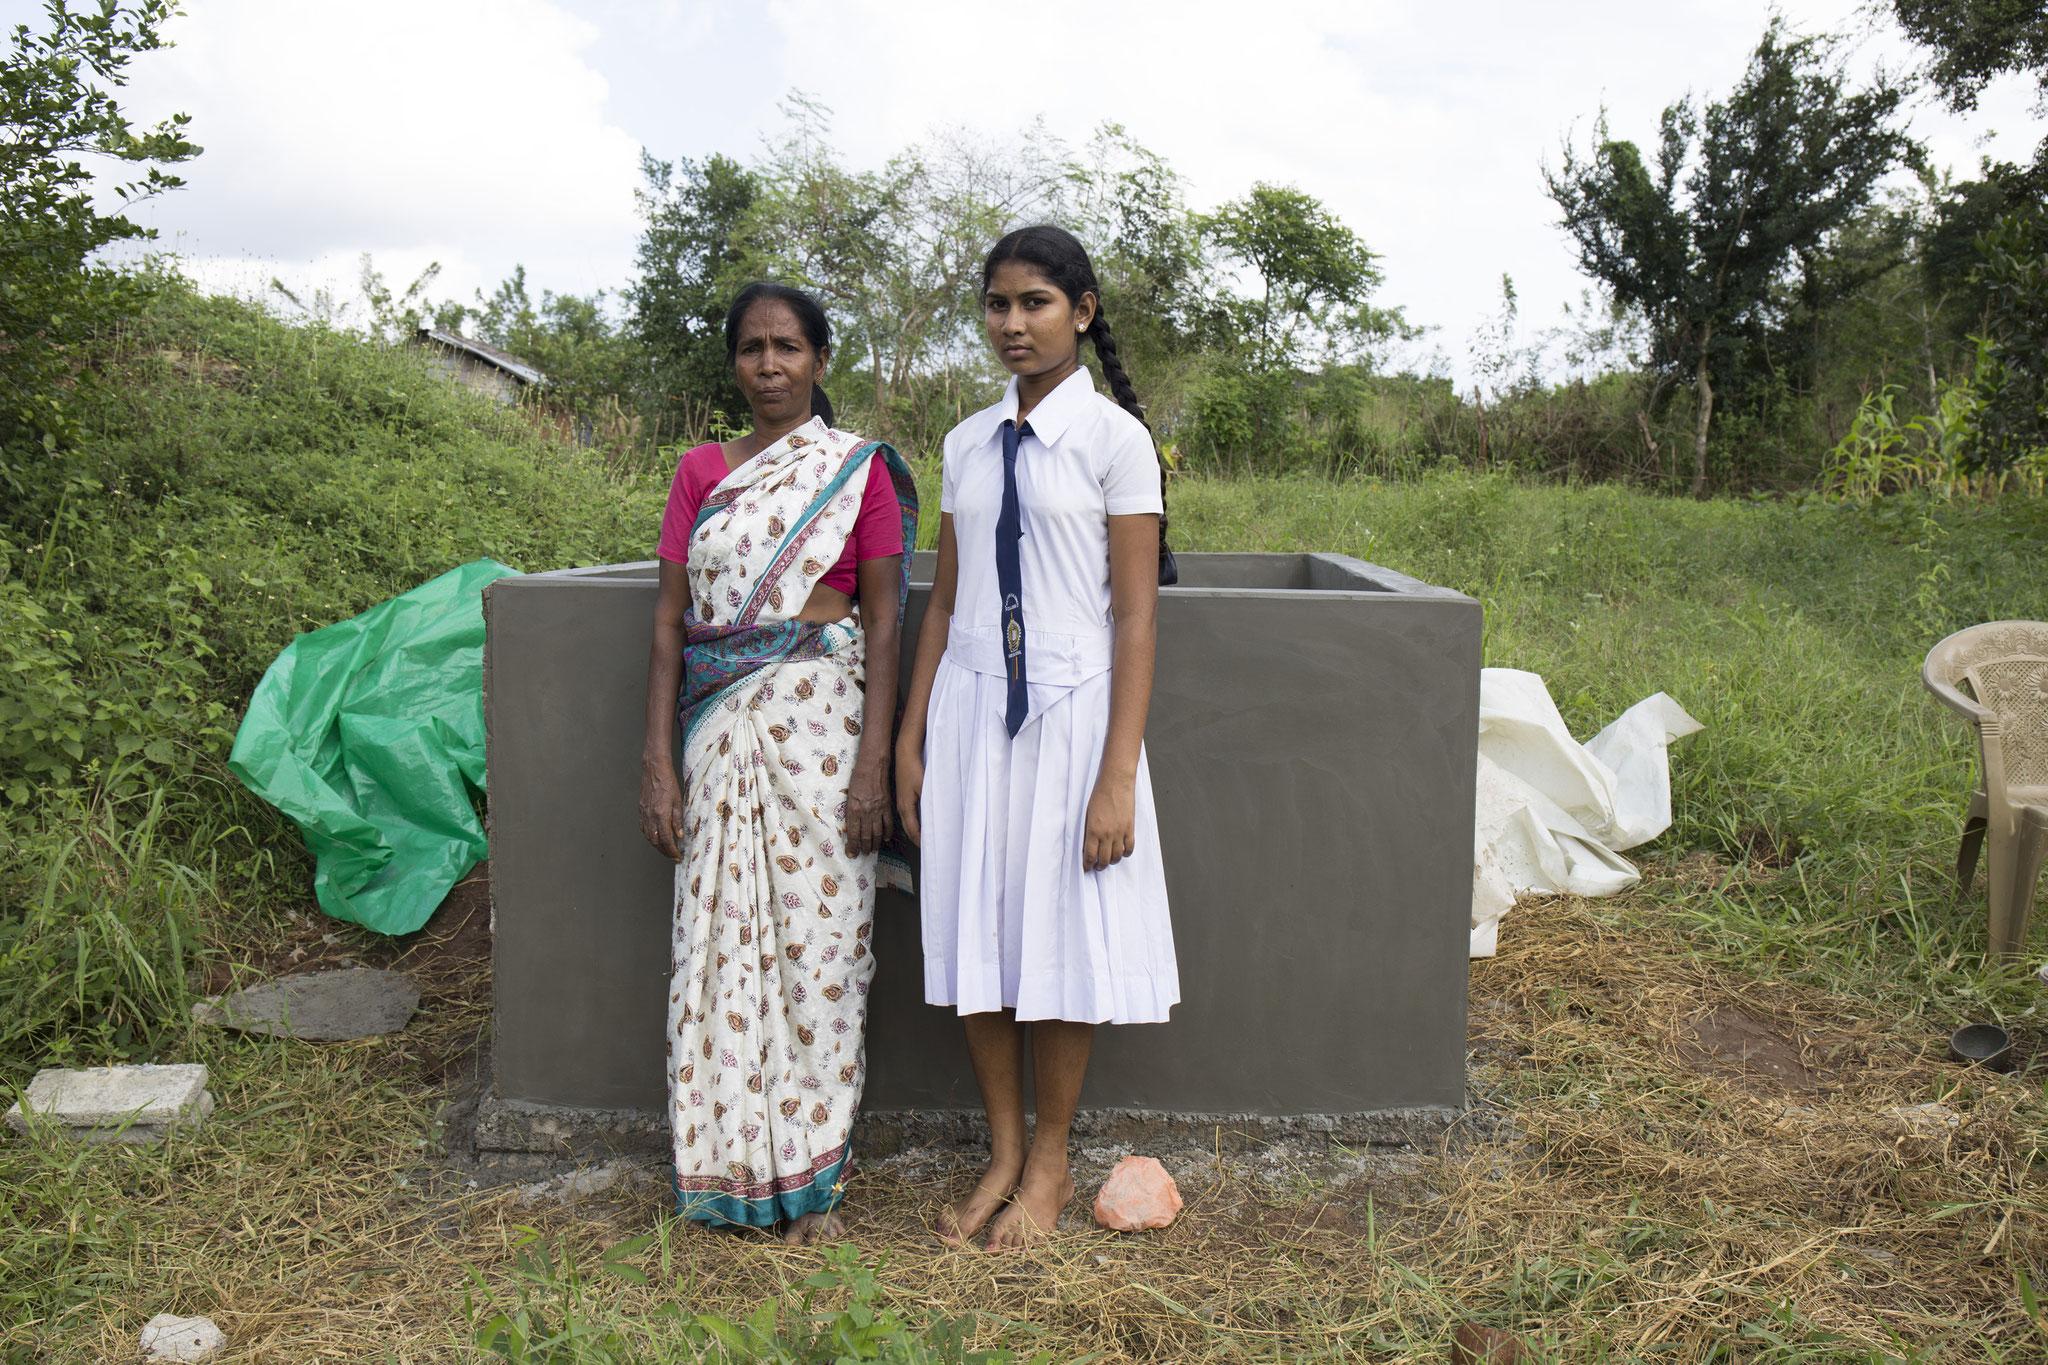 Annalaxmi und ihre 16-jährige Tochter vor einem halbfertigen Brunnen in ihrem Garten. Vavuniya, 2018